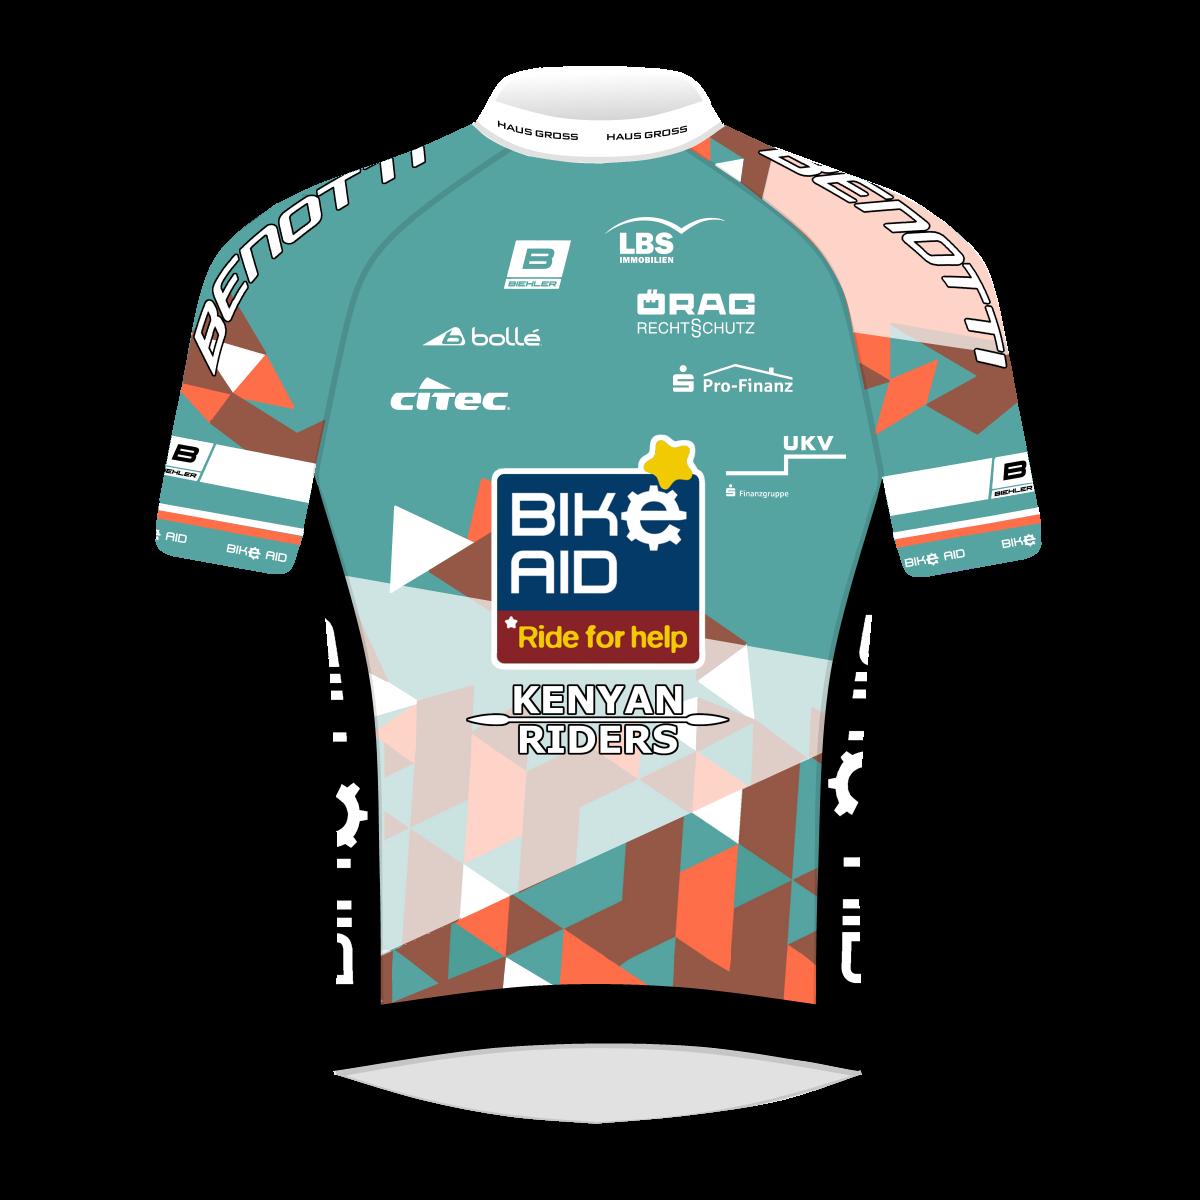 Bike Aid